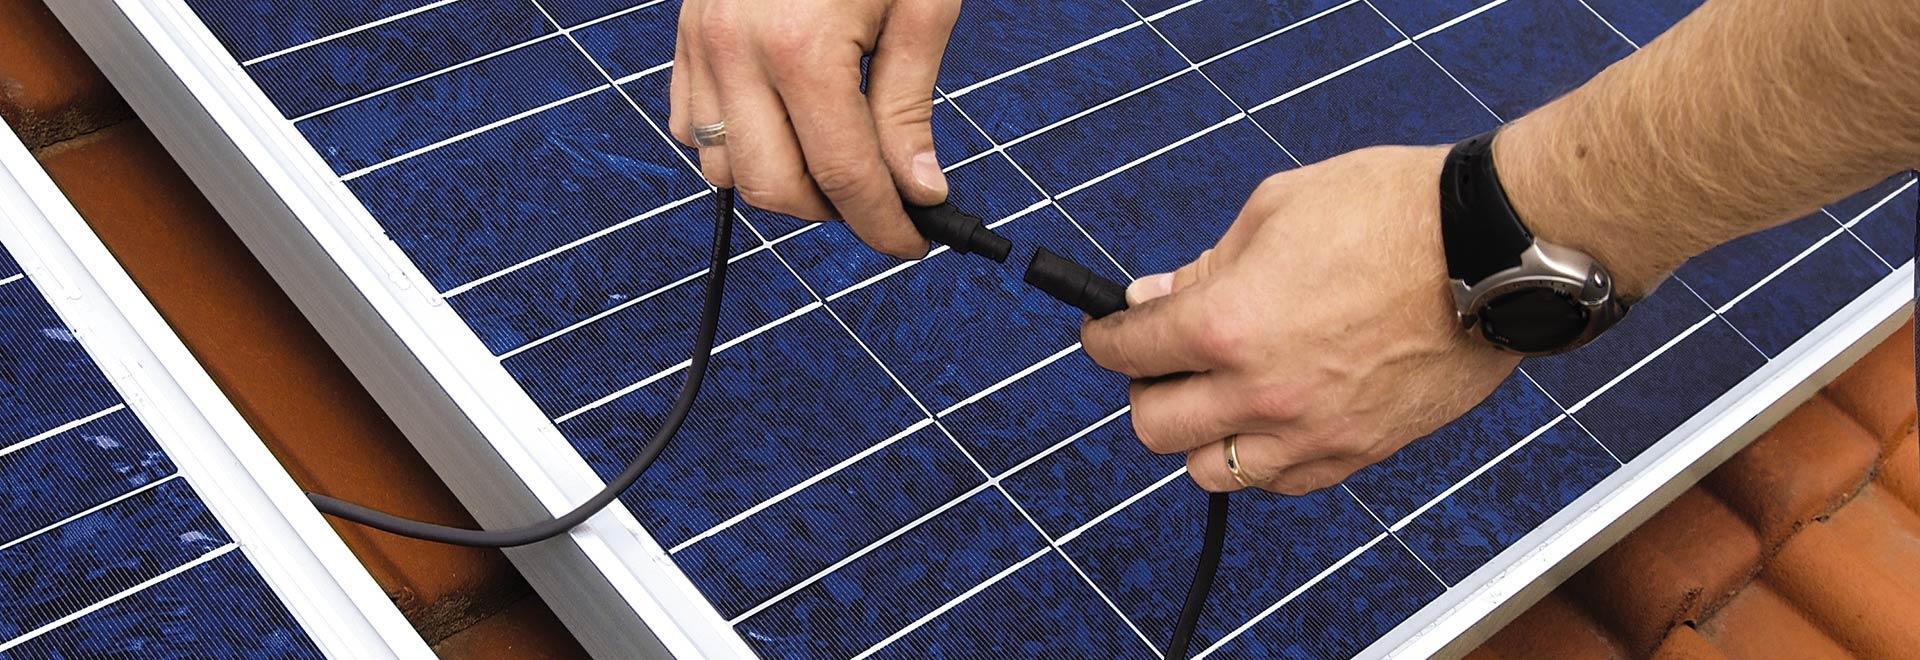 Walter Vögele GmbH in Freiburg: Installation Solaranlage